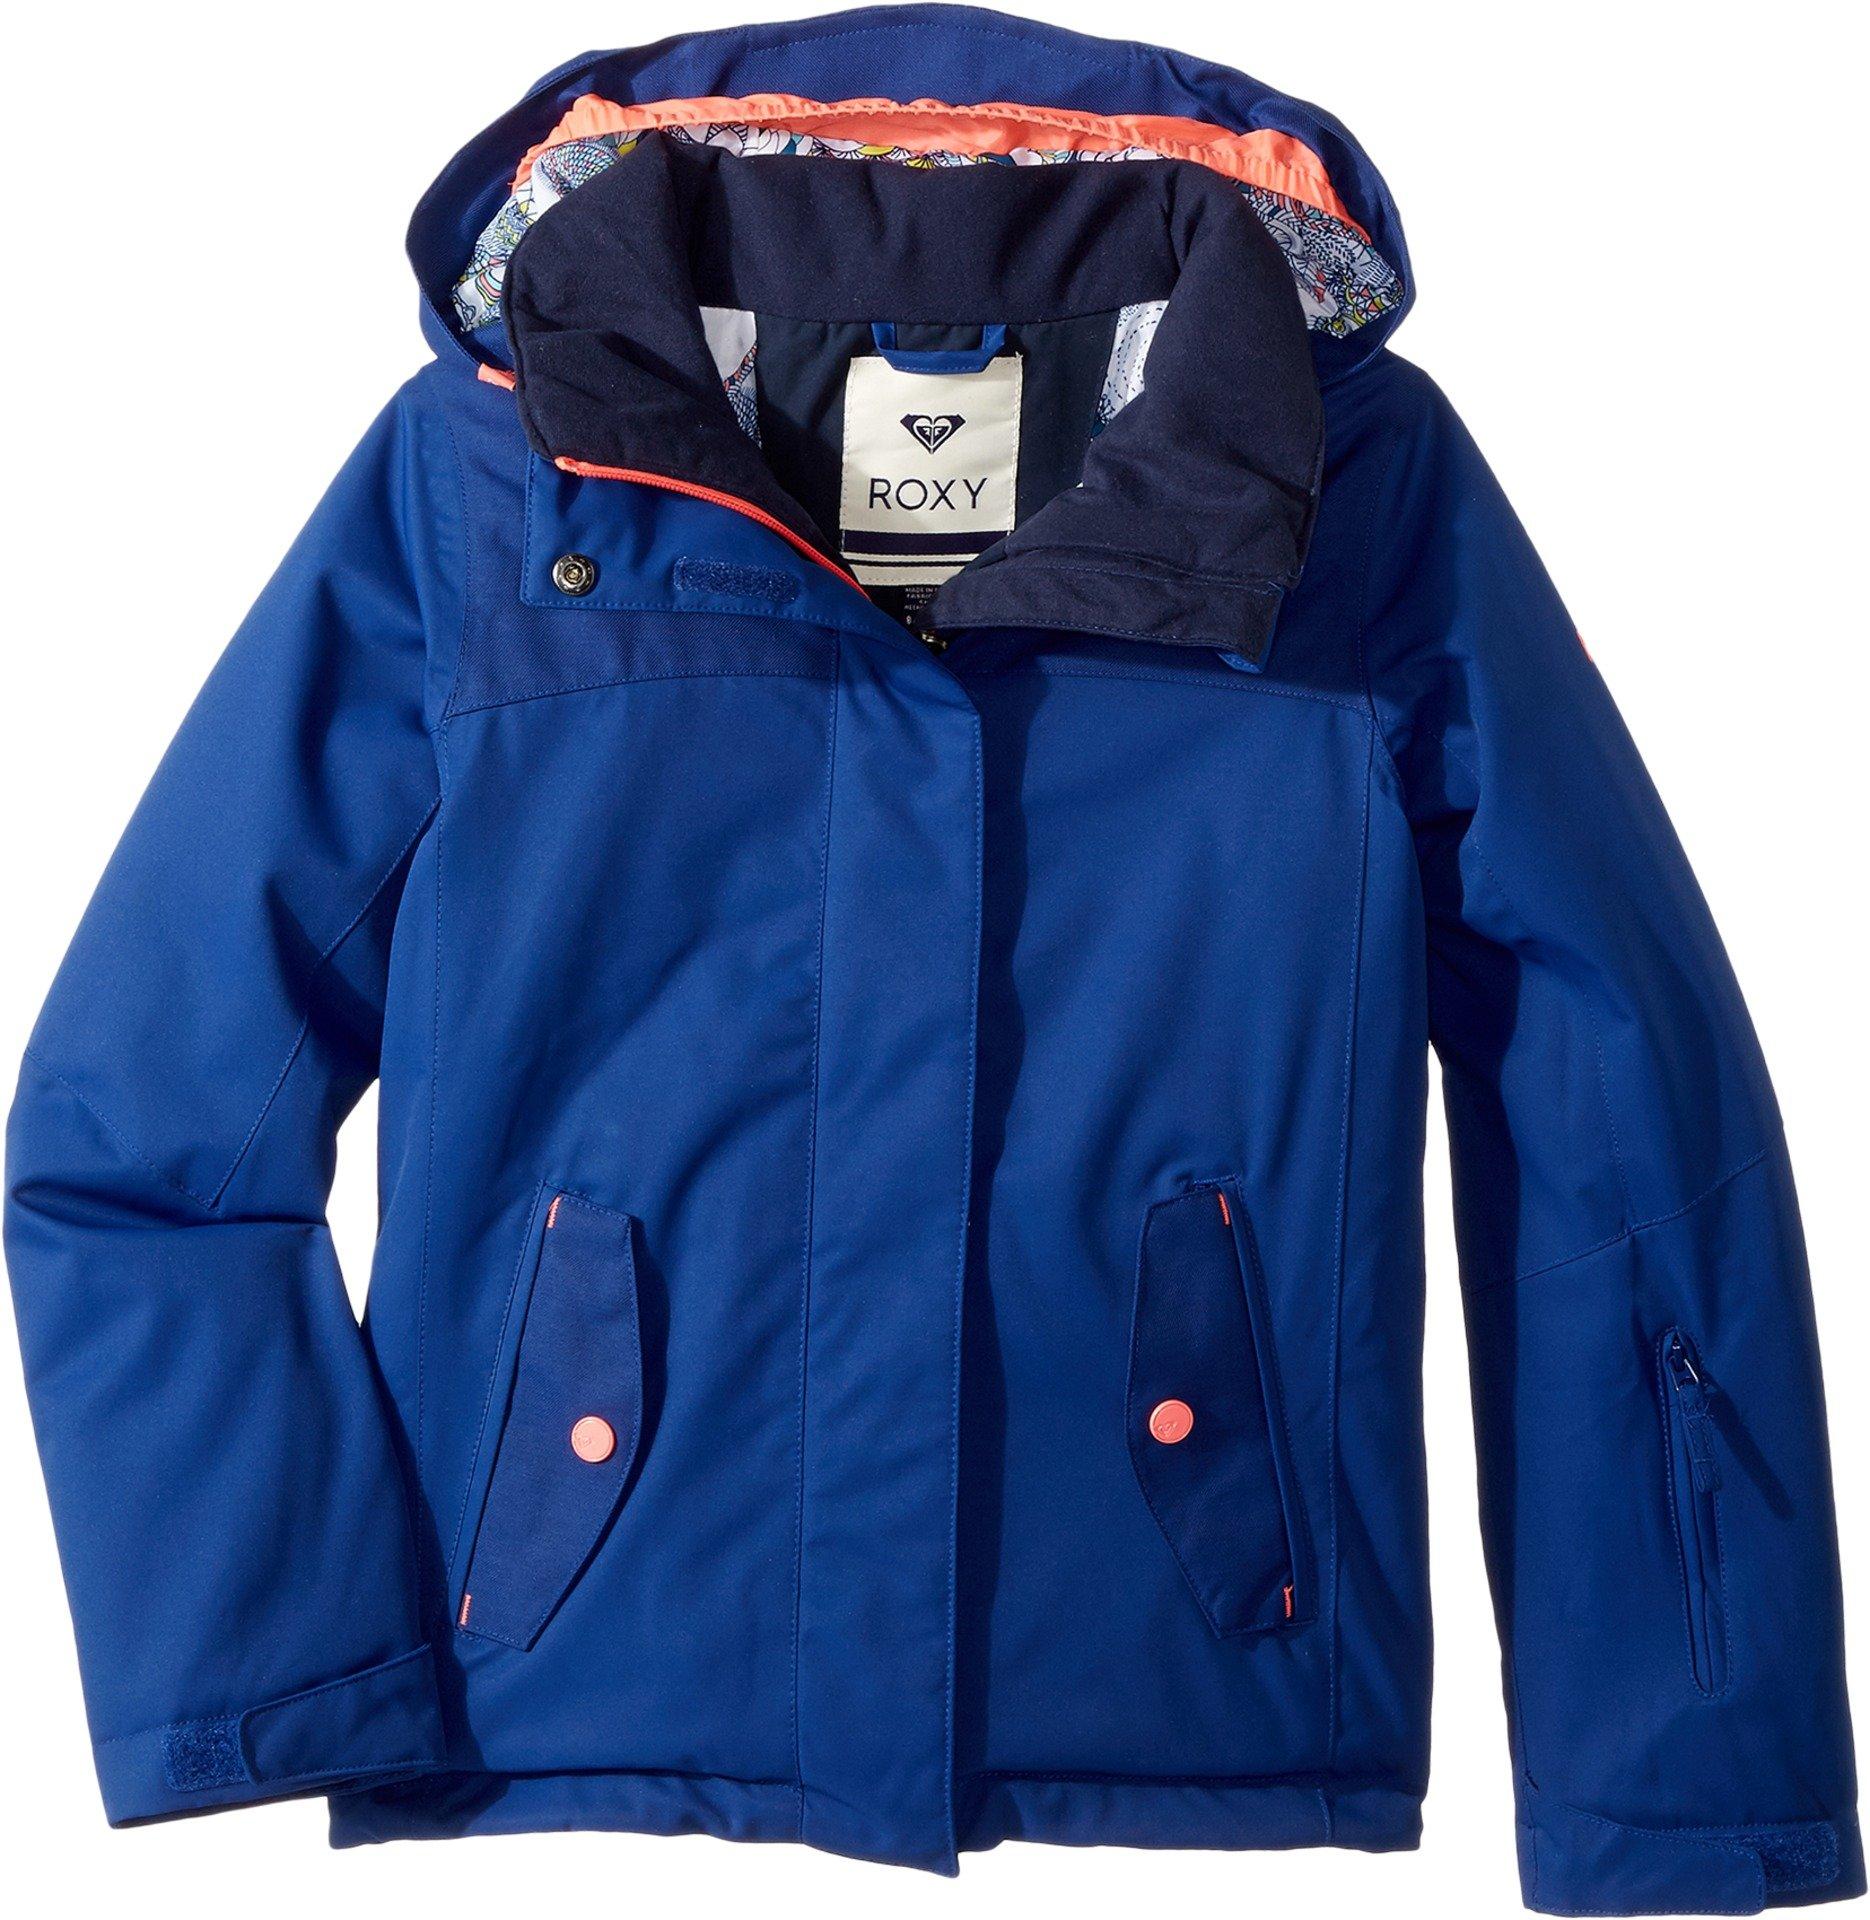 Roxy Big Girls' Jetty Solid Snow Jacket, Sodalite Blue, 14/XL